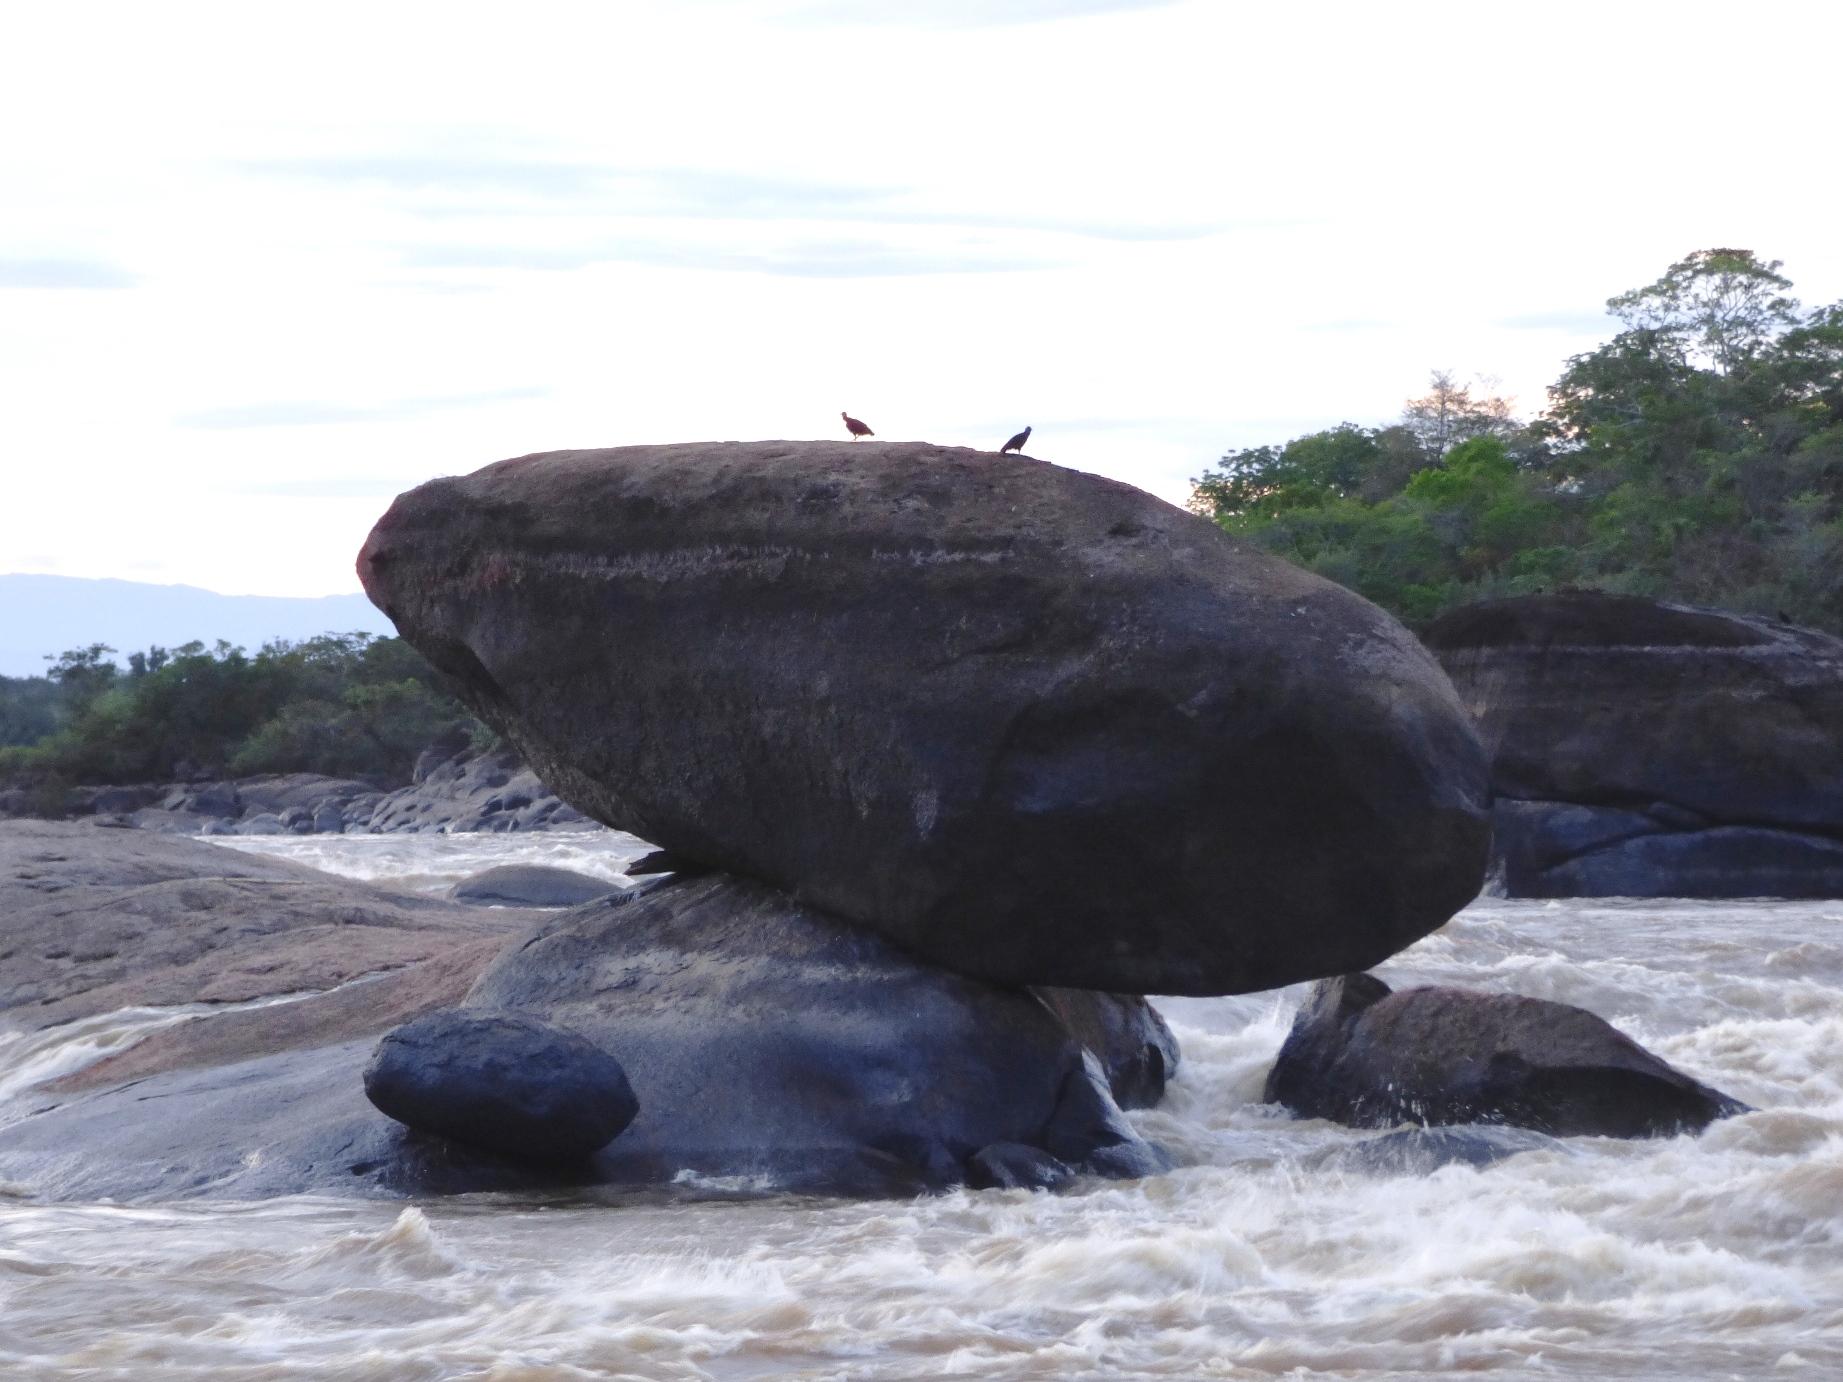 El Balancín - Río Orinoco - Parque Nacional Natural El Tuparro - Vichada. Foto: David Medina